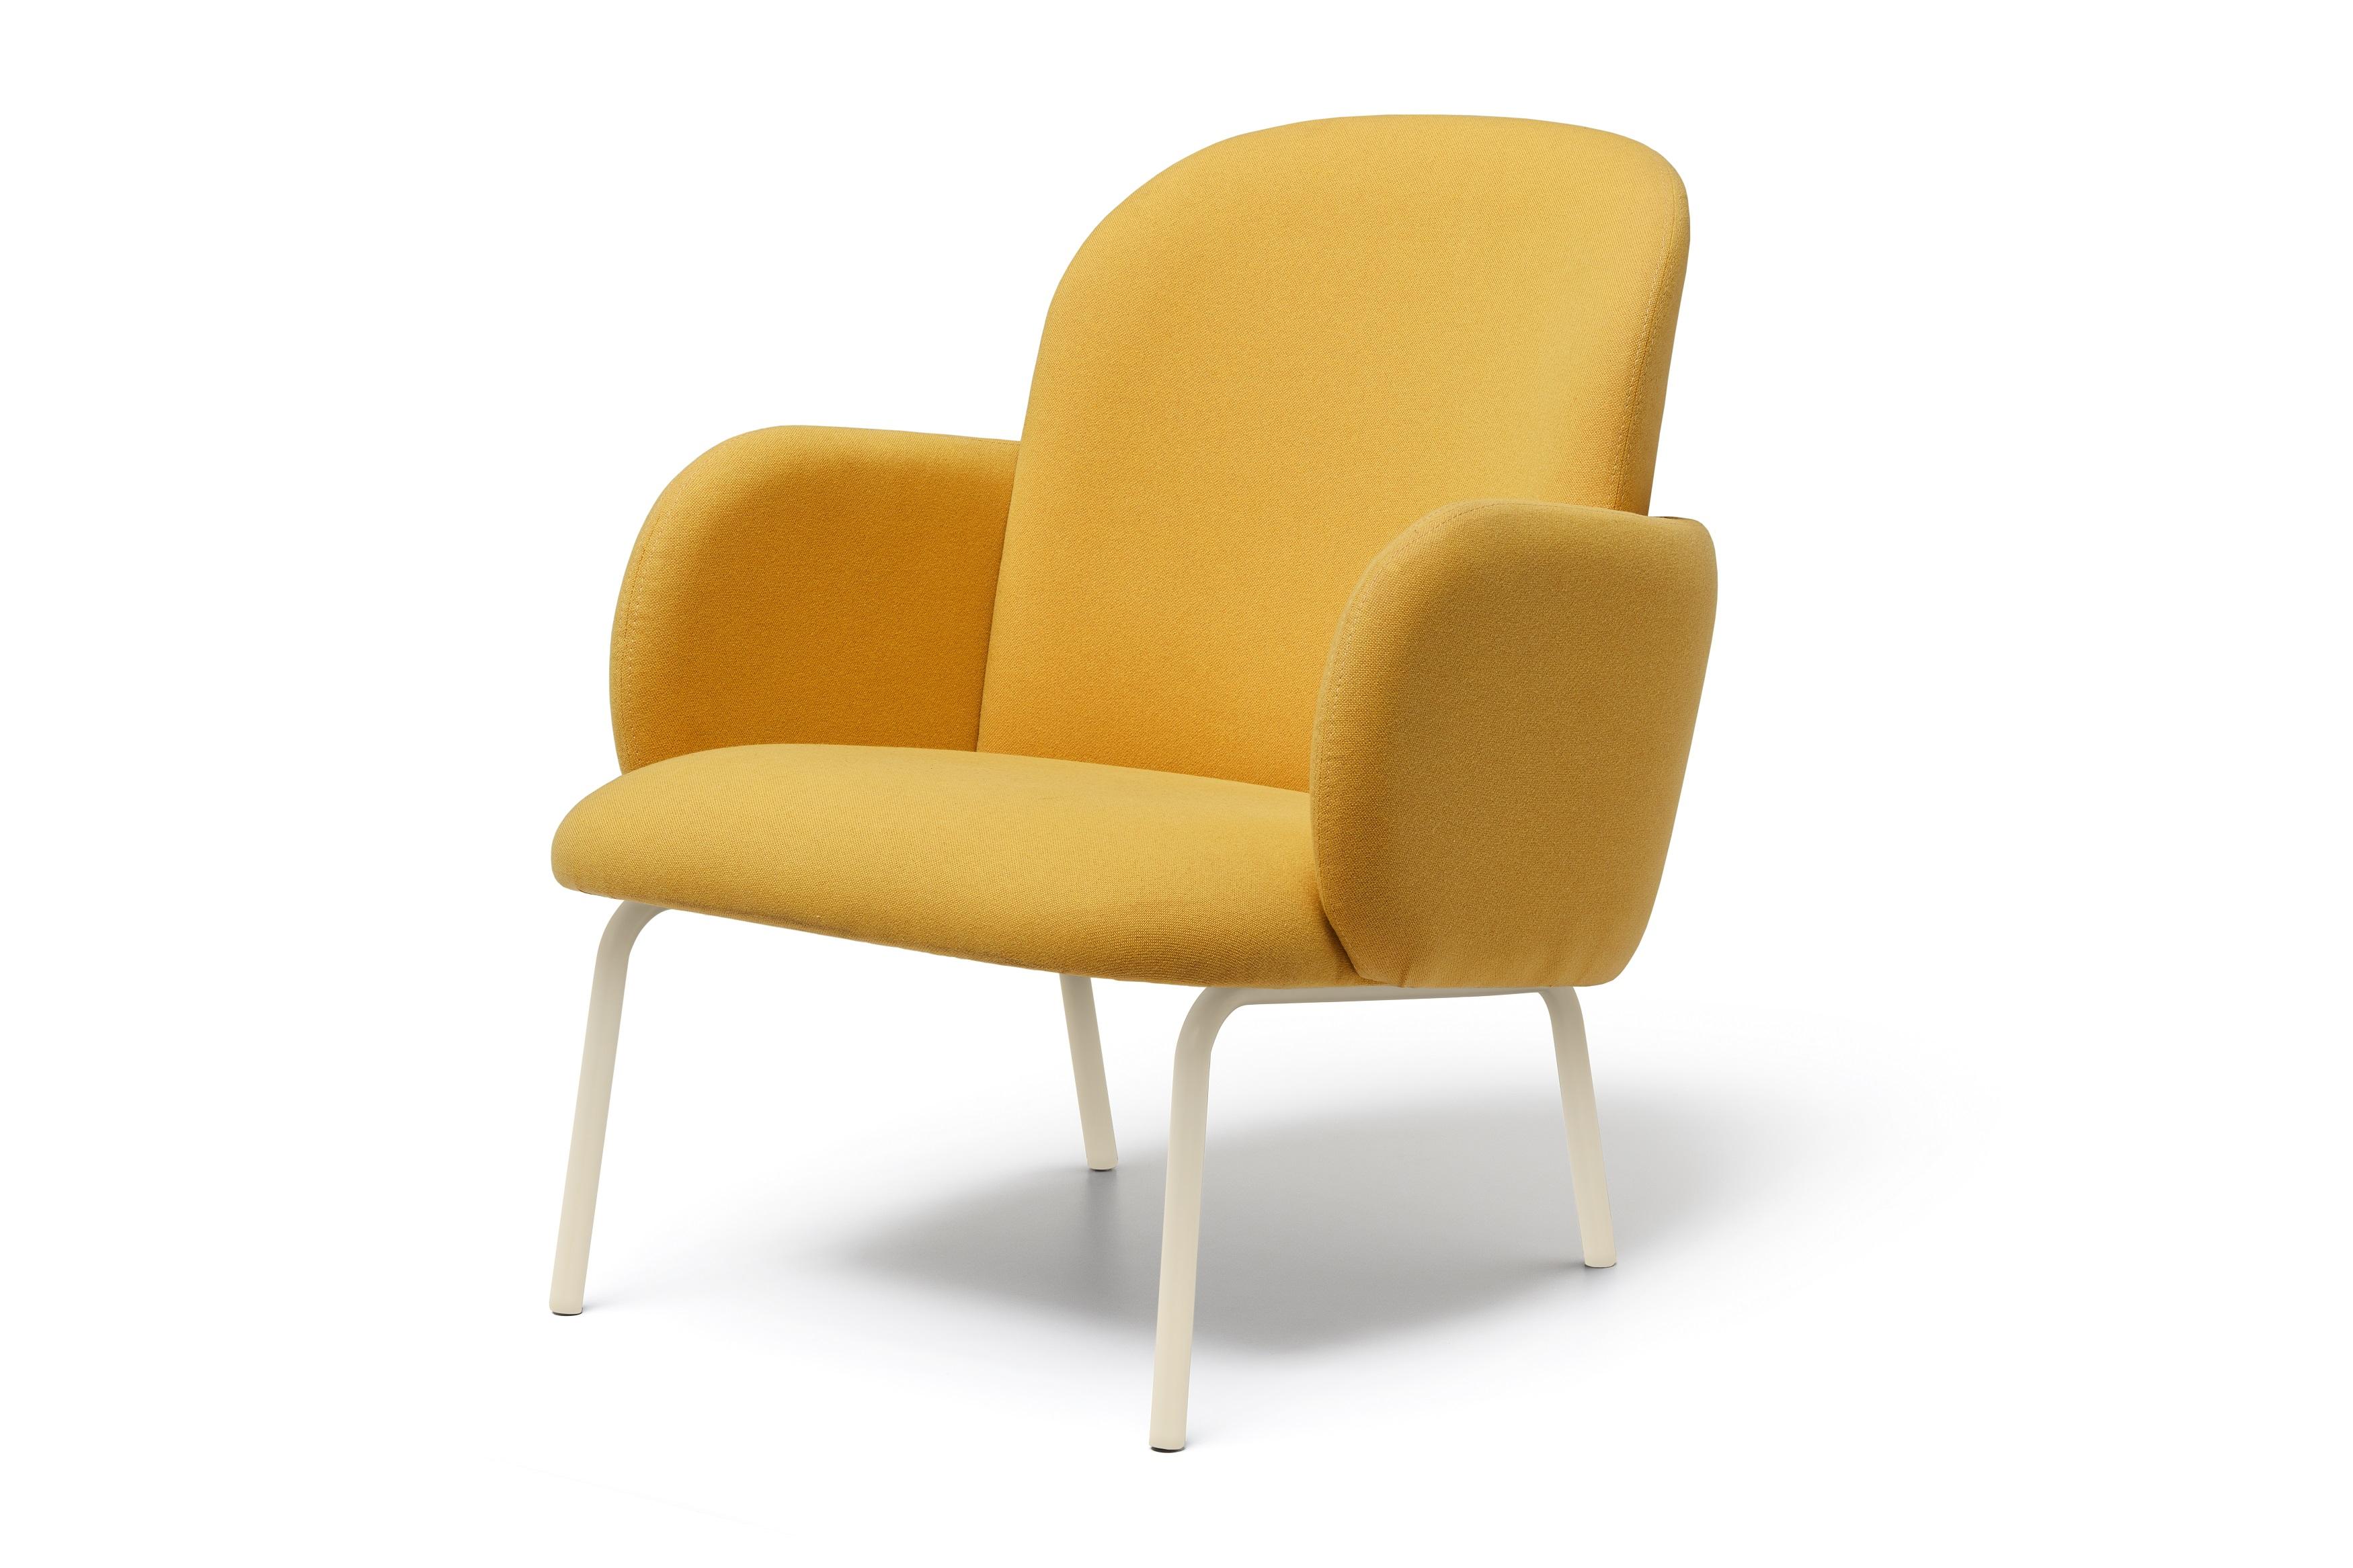 Comfortabele Design Fauteuil.Persbericht Puik Art Viert Vijfjarig Bestaan Met Nieuwe Naam En